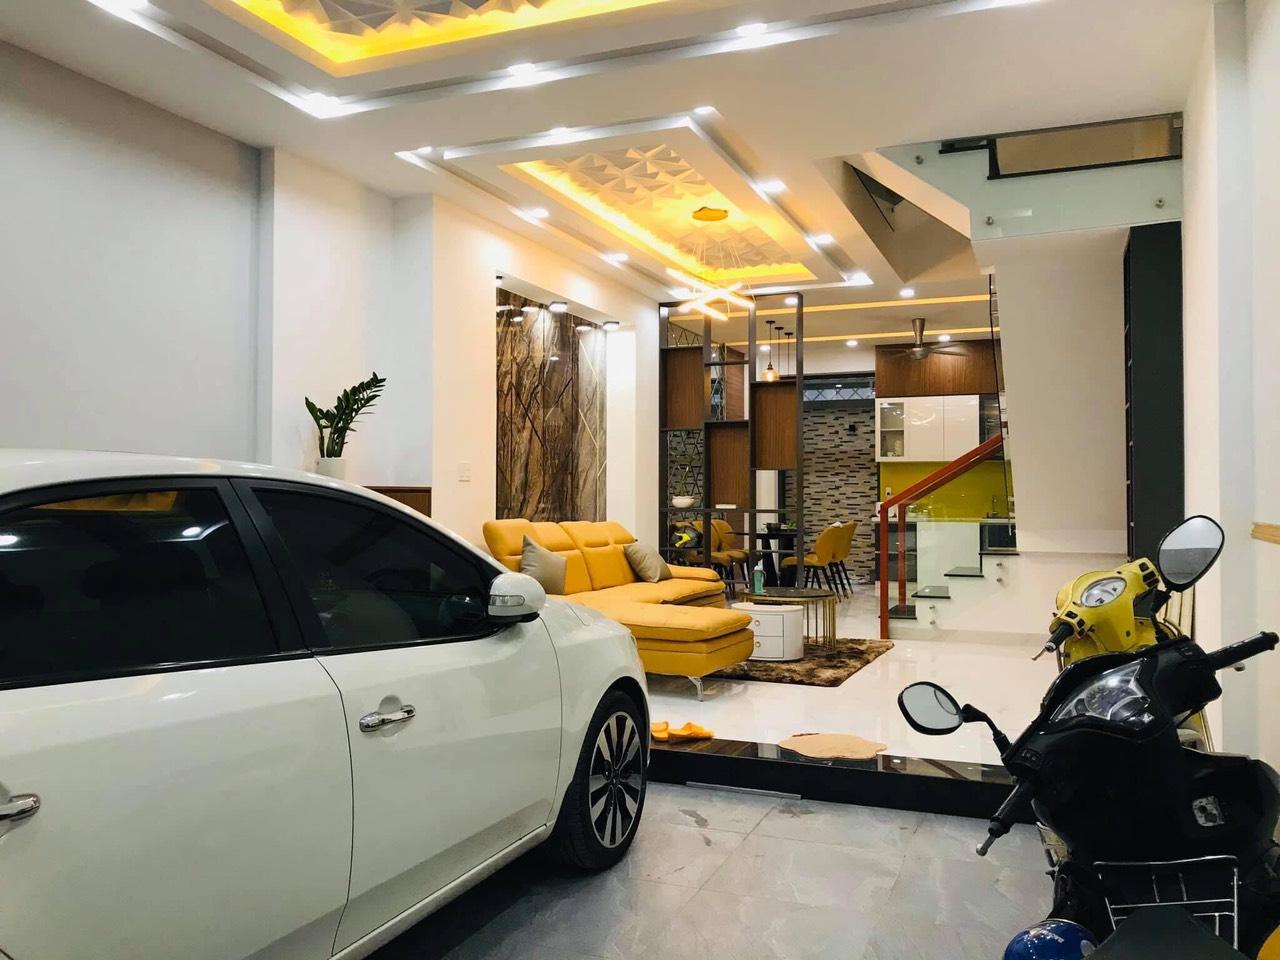 Bán liền kề An Phú- Dương Nội, DT 95m MT 5m Gara Ô tô, Tặng nội thất tiền tỷ, Giá 10 tỷ